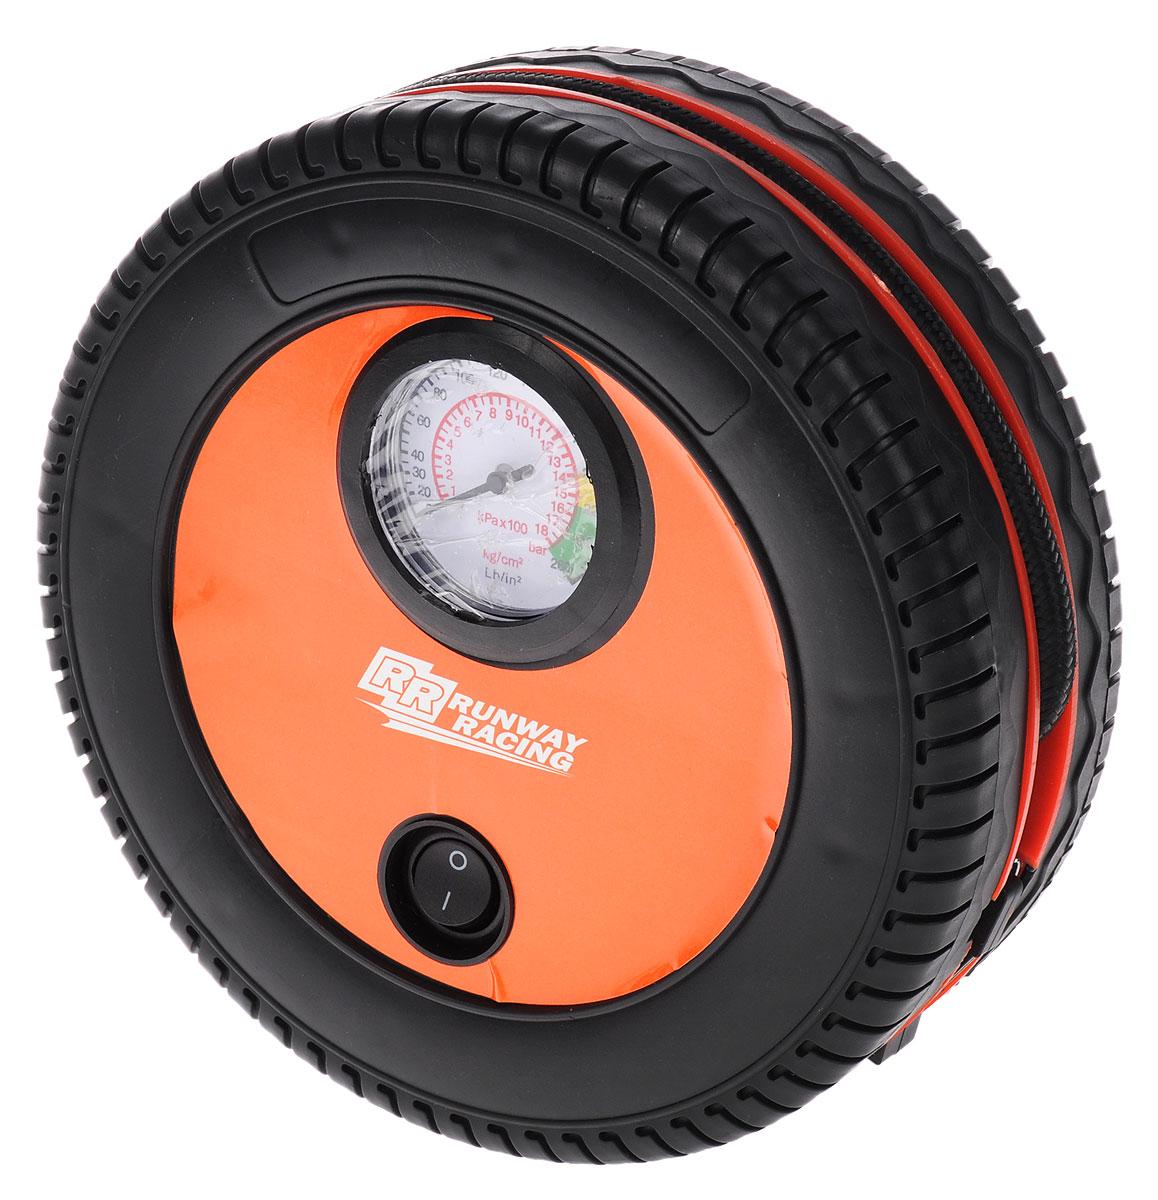 Компрессор автомобильный Runway Racing, 12В. RR131AL-500Компрессор Runway Racing подходит для автомобильных и велосипедных шин, для матрасов и лодок и других надувных изделий из резины. Он мощный, компактный и удобный в использовании. Компрессор выполнен из прочного пластика в виде колеса. Шланг и кабель питания убираются в кабель, что обеспечивает компактное хранение изделия. Питается компрессор от автомобильной сети 12В.В комплекте насадки для накачивания различных резиновых предметов. Максимальное давление: 250 PSI (17 атм). Производительность: 18 л/мин. Вольтаж 12В. Время накачивания стандартной шины: 8 минут.